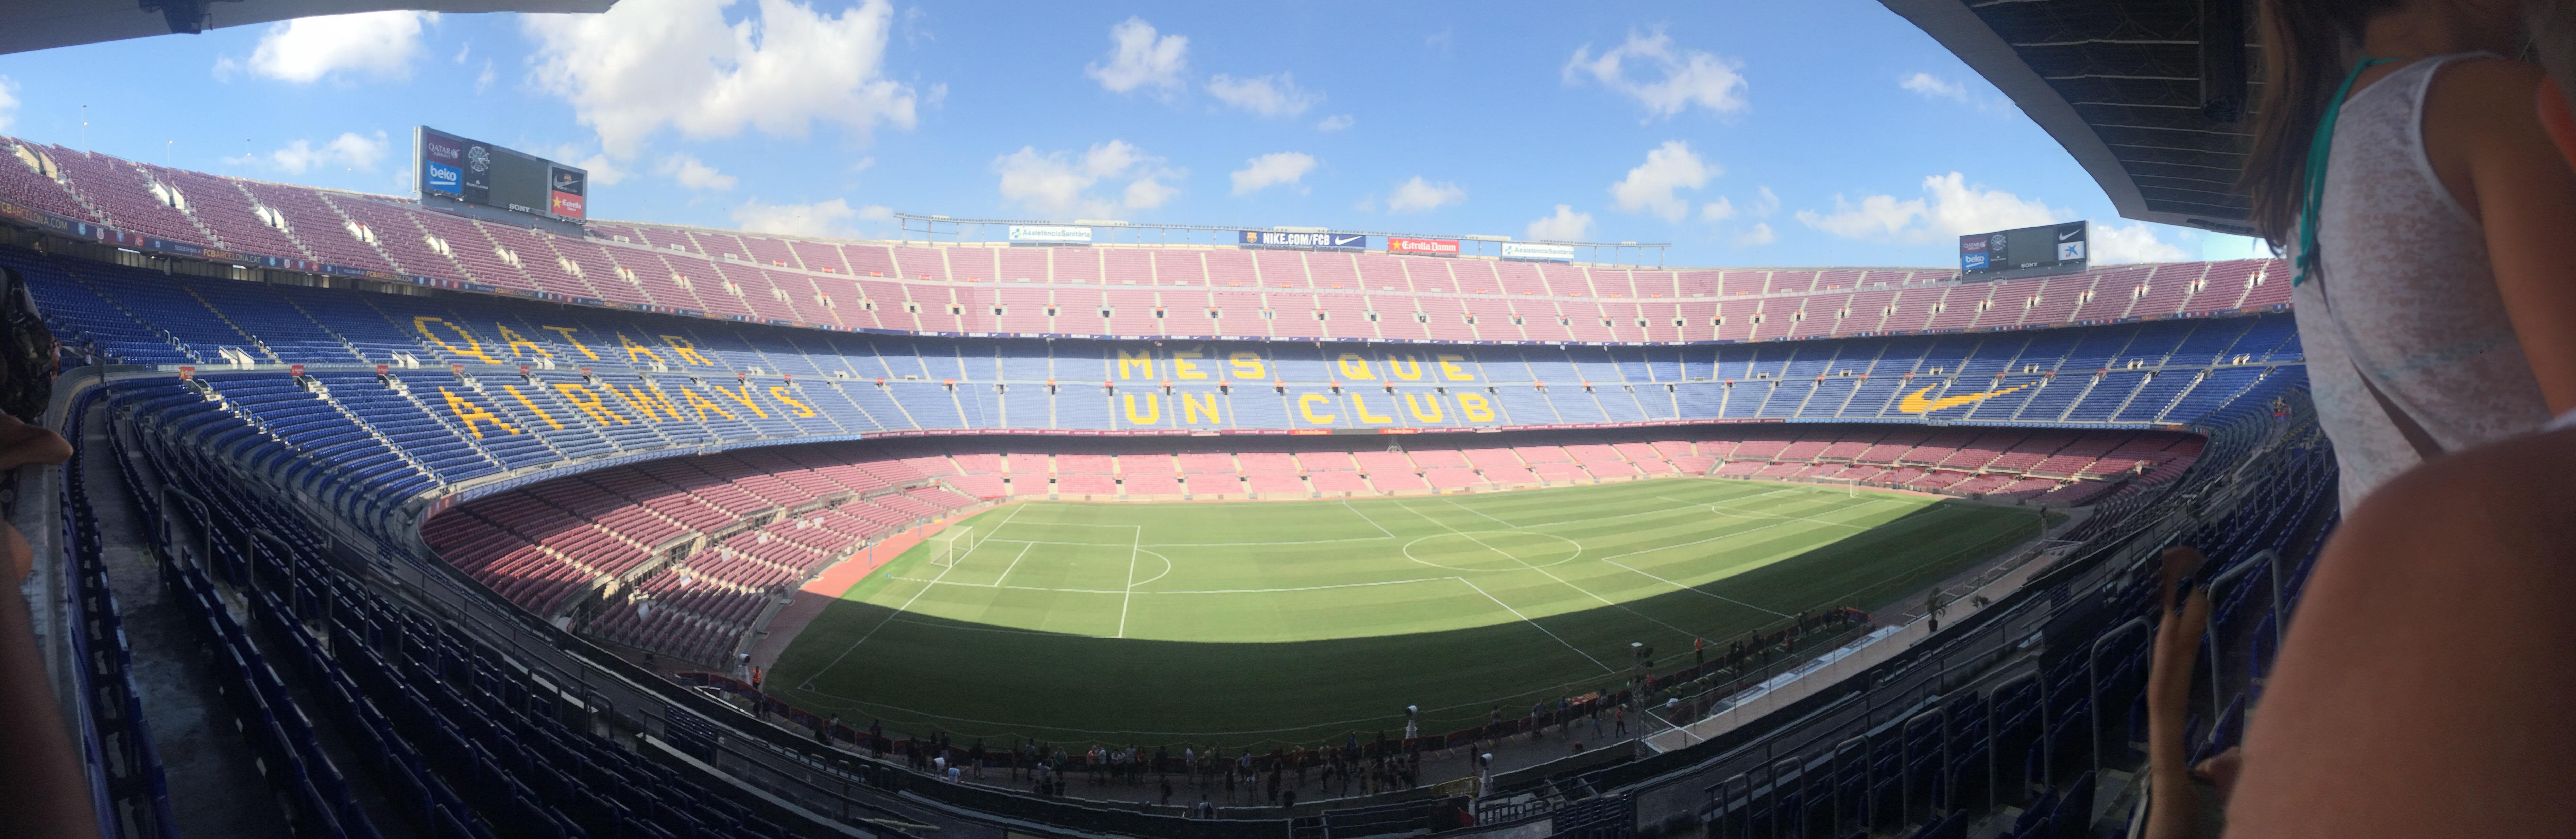 img 9985 1 Last weeks in Barça...